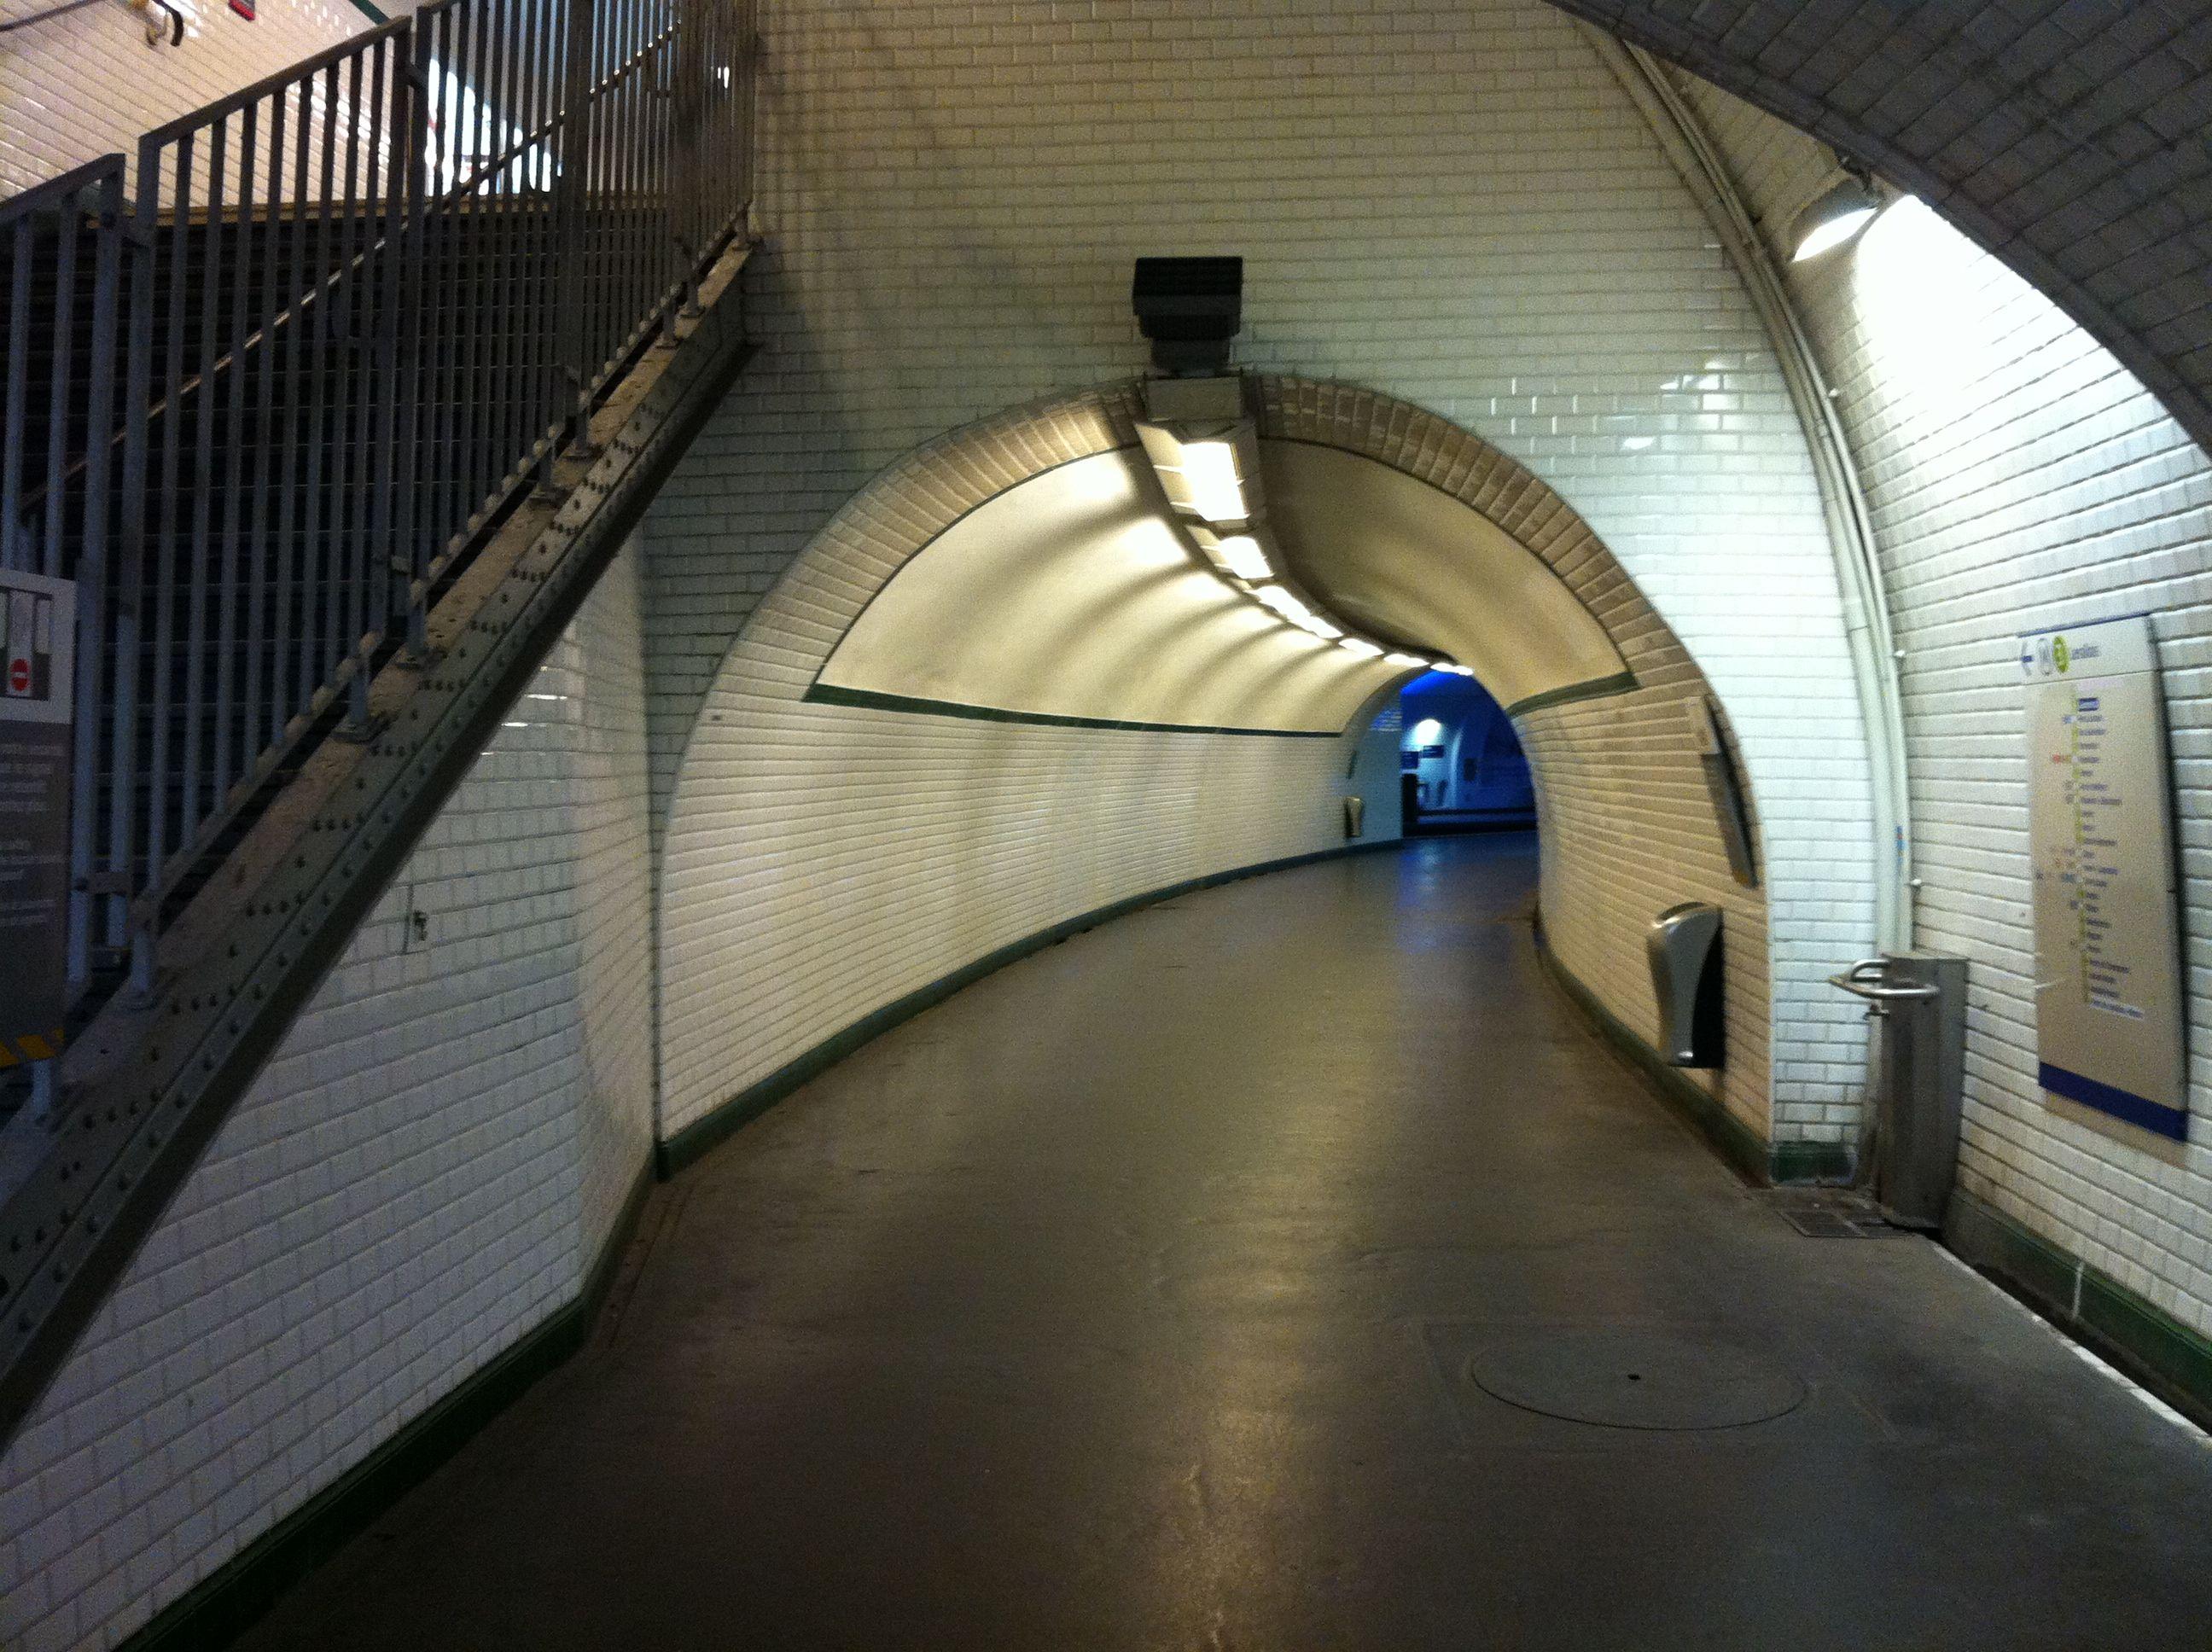 Le fameux couloir de Gambetta, vu depuis la 3bis. L'histoire de la 3bis : http://fr.wikipedia.org/wiki/Ligne_3_bis_du_m%C3%A9tro_de_Paris